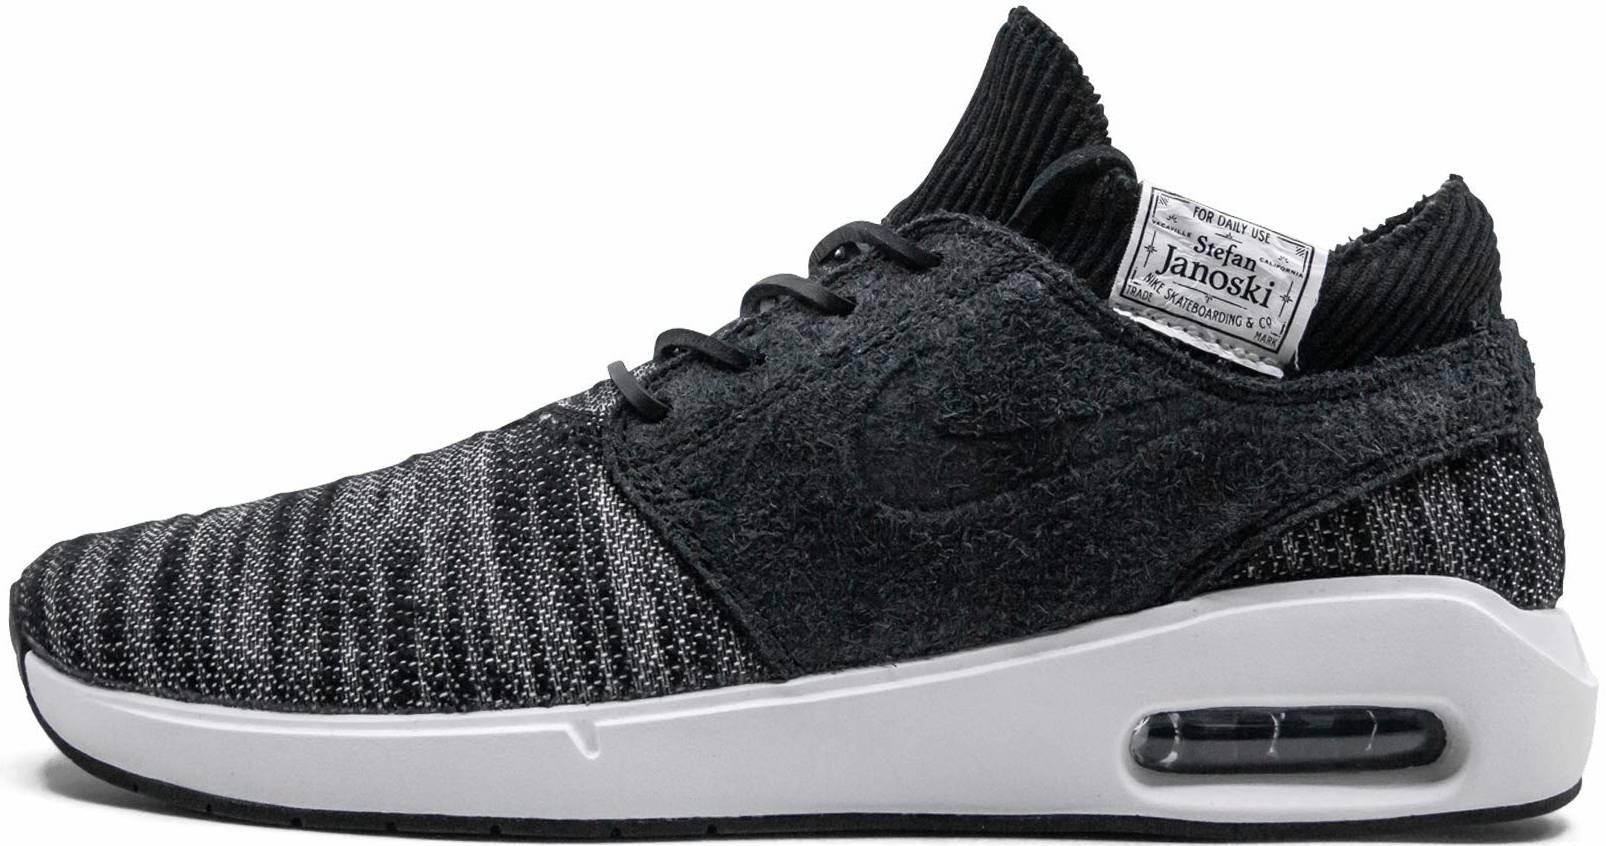 Nike SB Air Max Janoski 2 Premium sneakers in black | RunRepeat